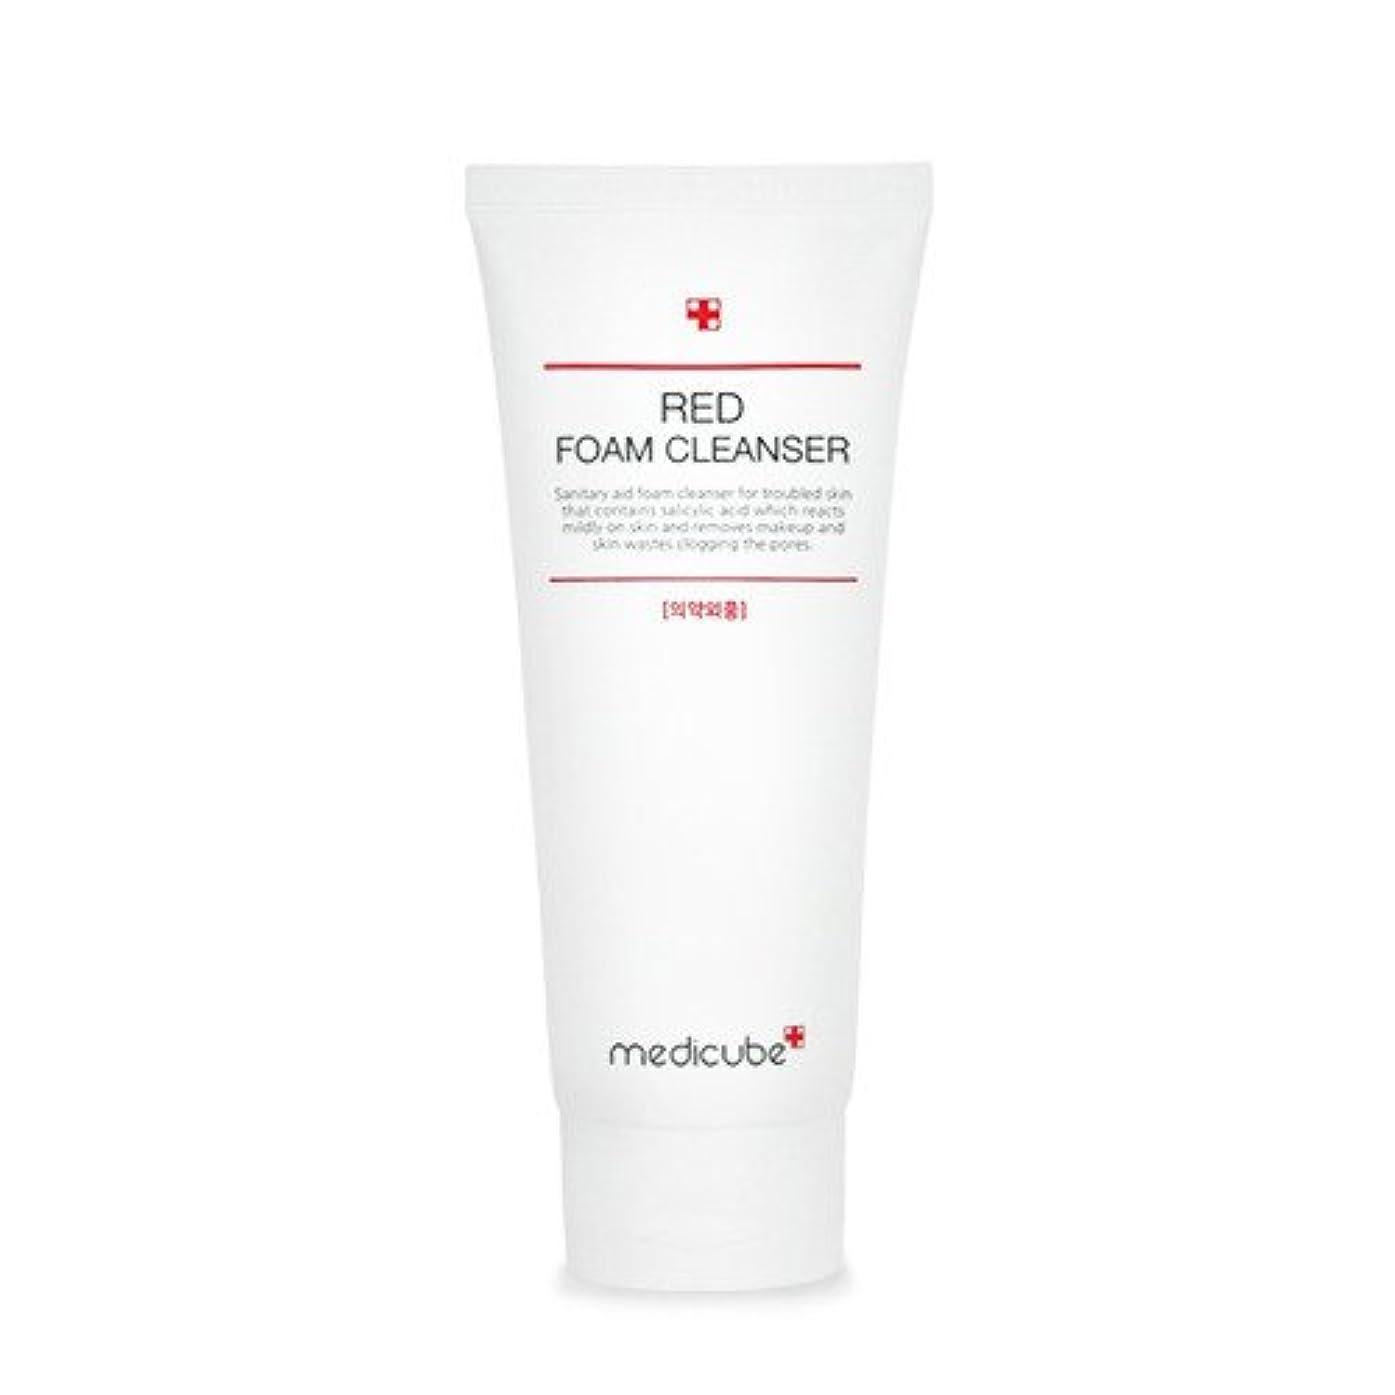 ライトニング絡み合いソース[Medicube]Red Foam Cleanser 120ml / メディキューブレッドクレンジングフォーム / 正品?海外直送商品 [並行輸入品]